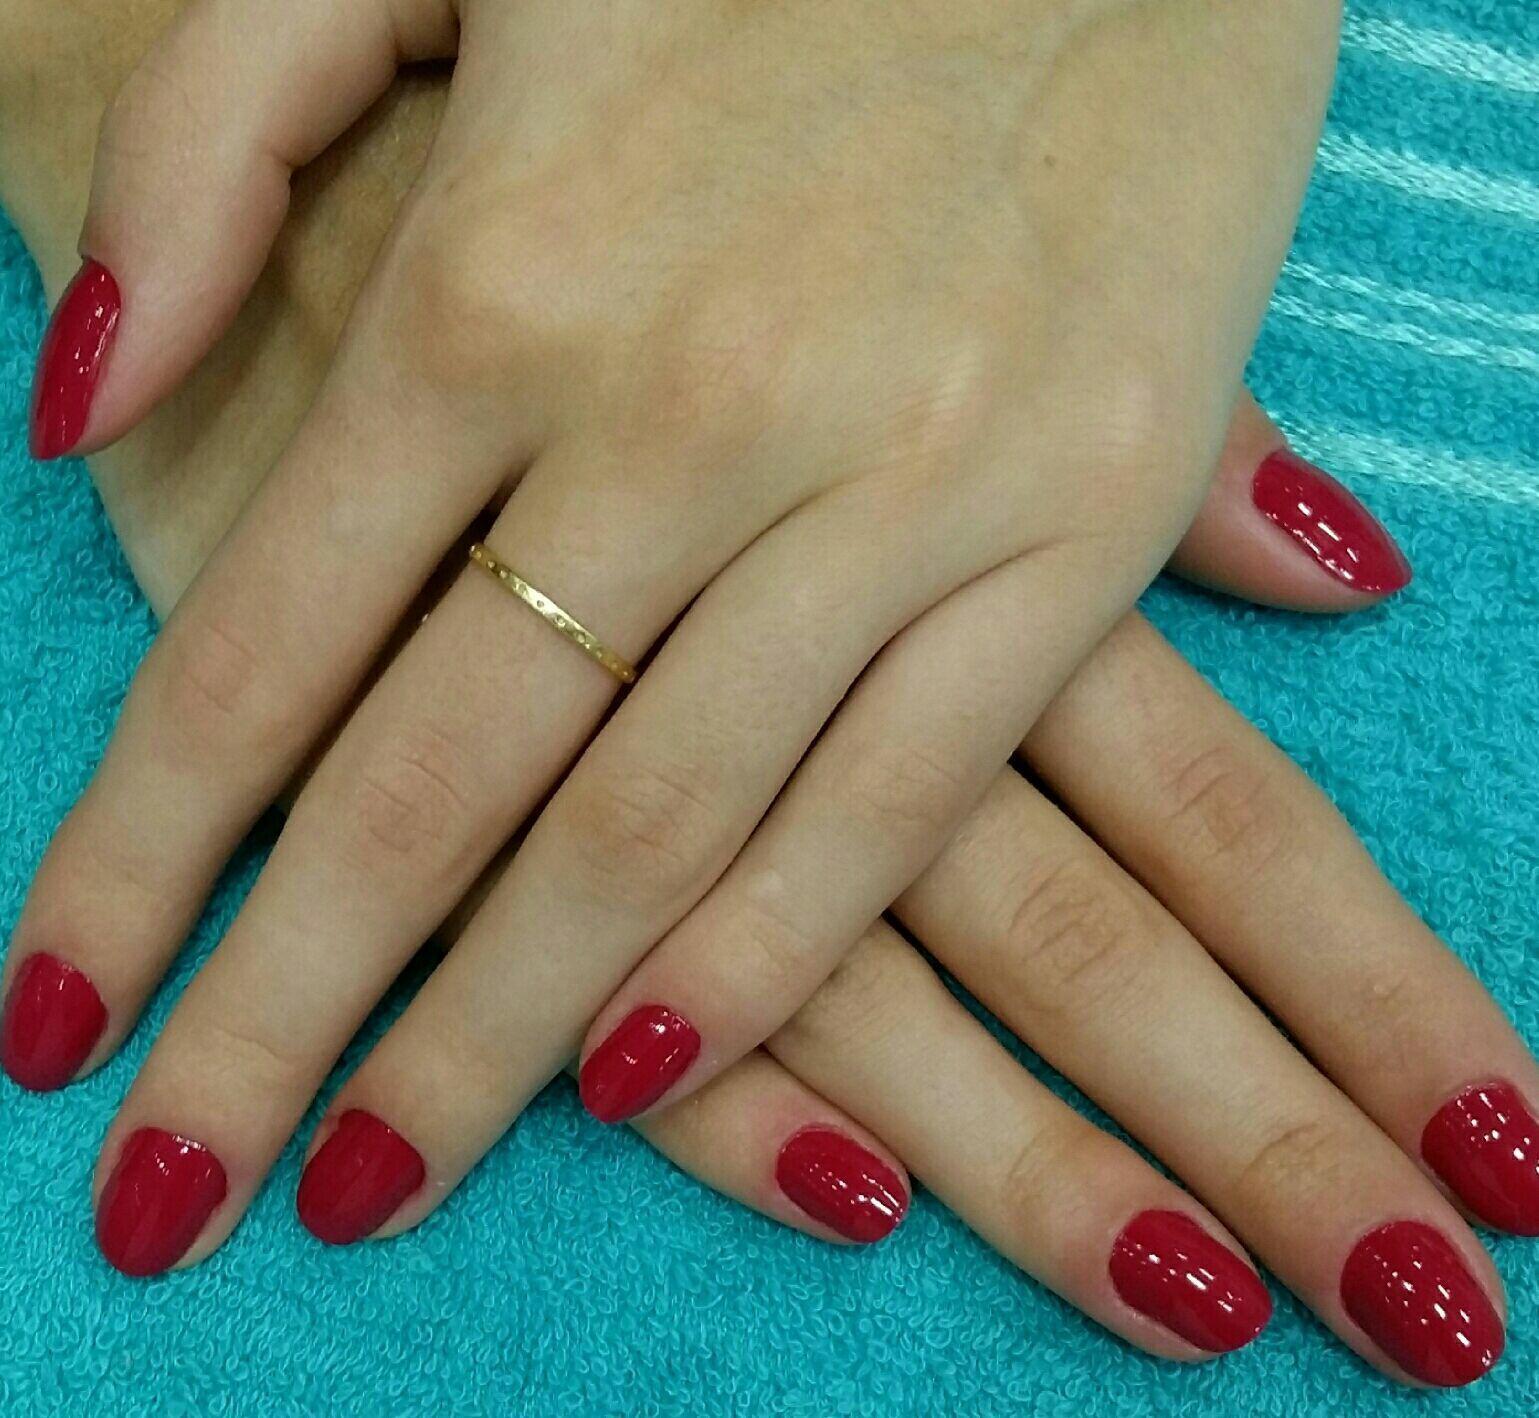 unha manicure e pedicure designer de sobrancelhas manicure e pedicure manicure e pedicure